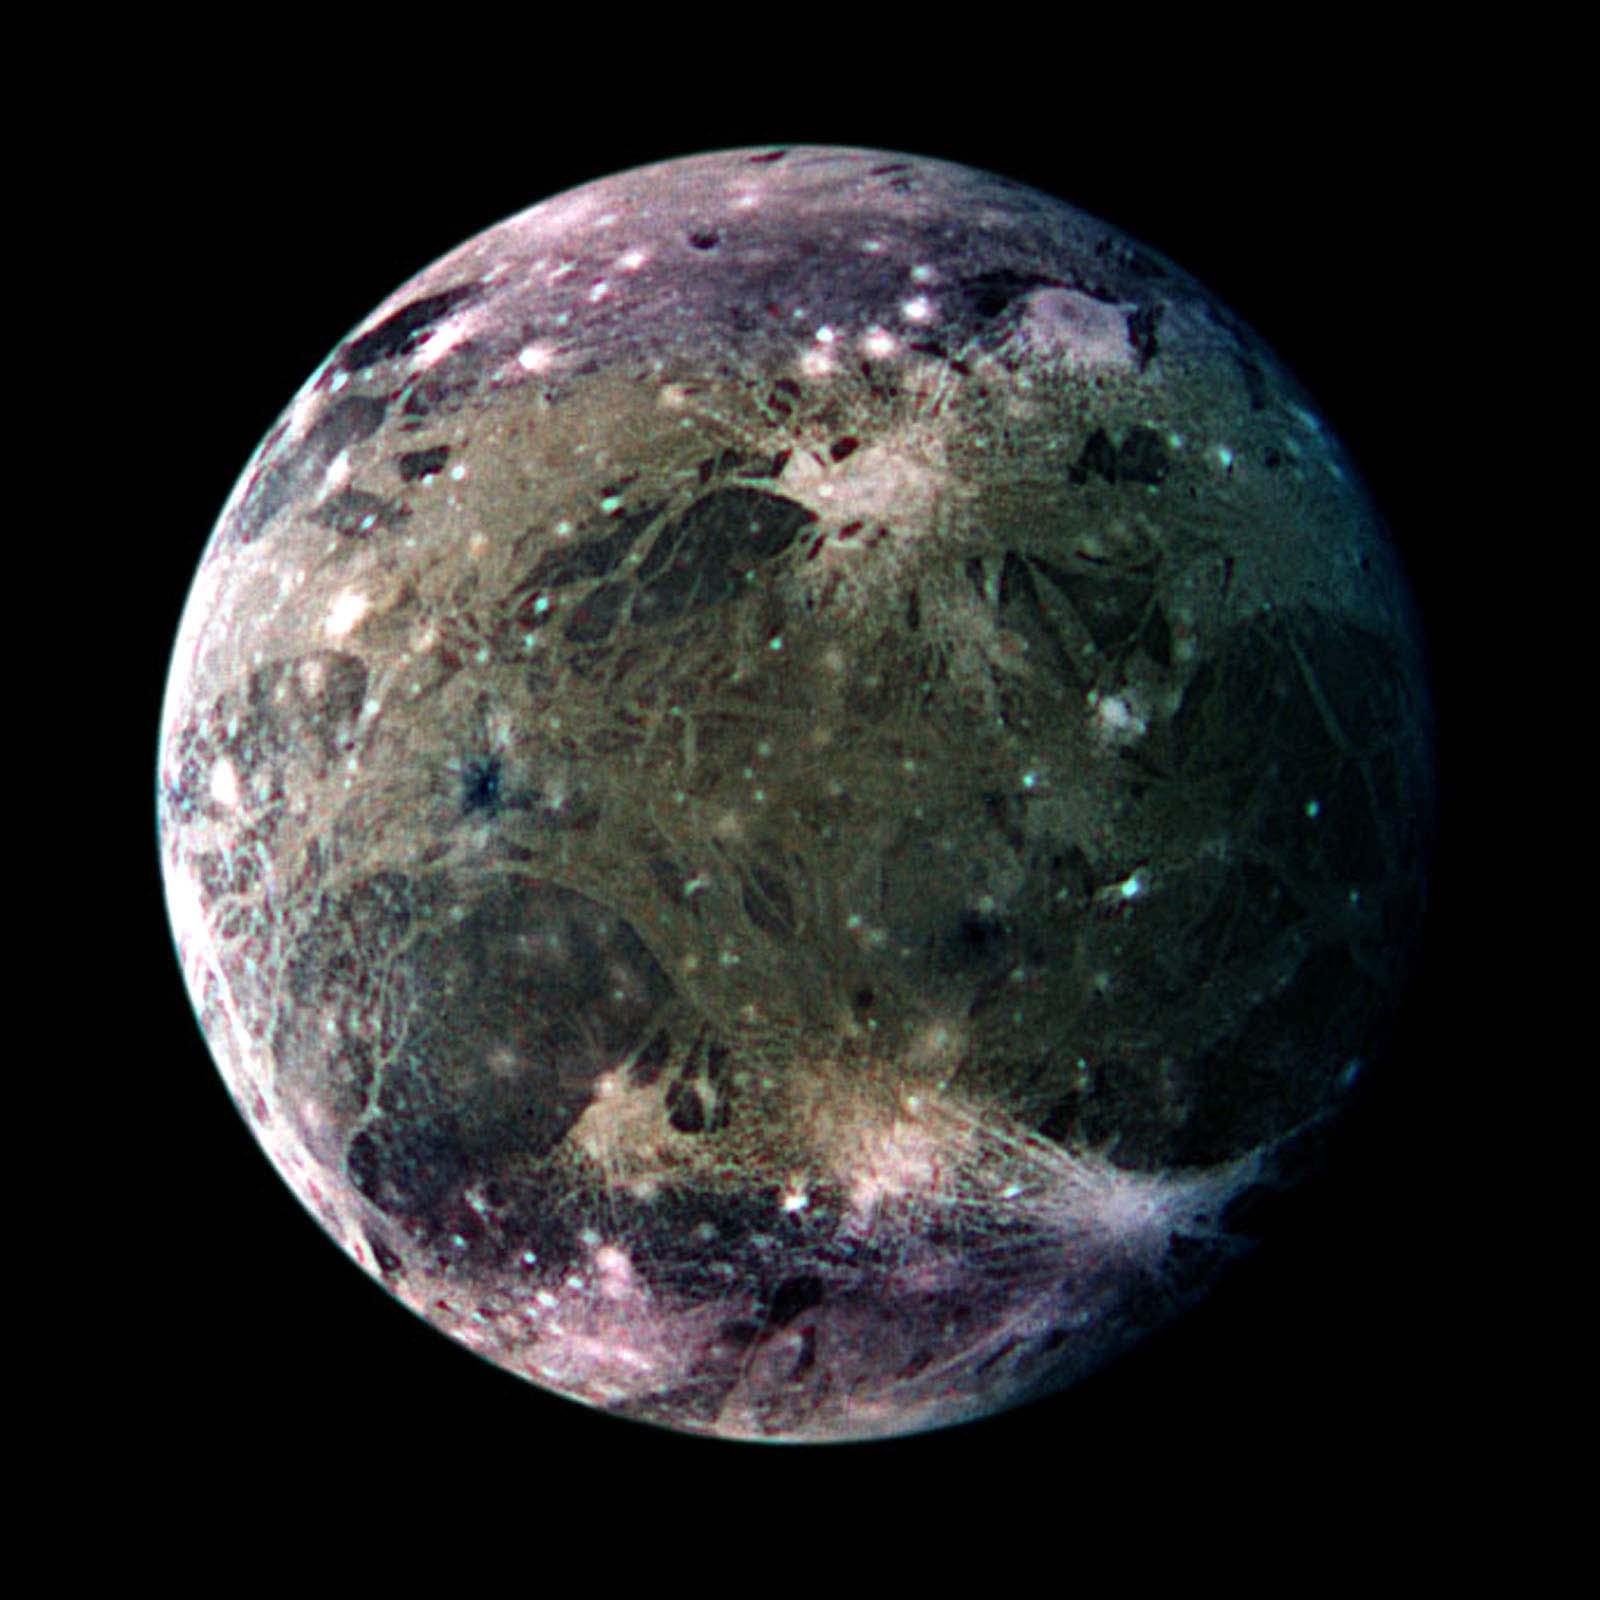 ganymede auroral belt shifting - HD1600×1600